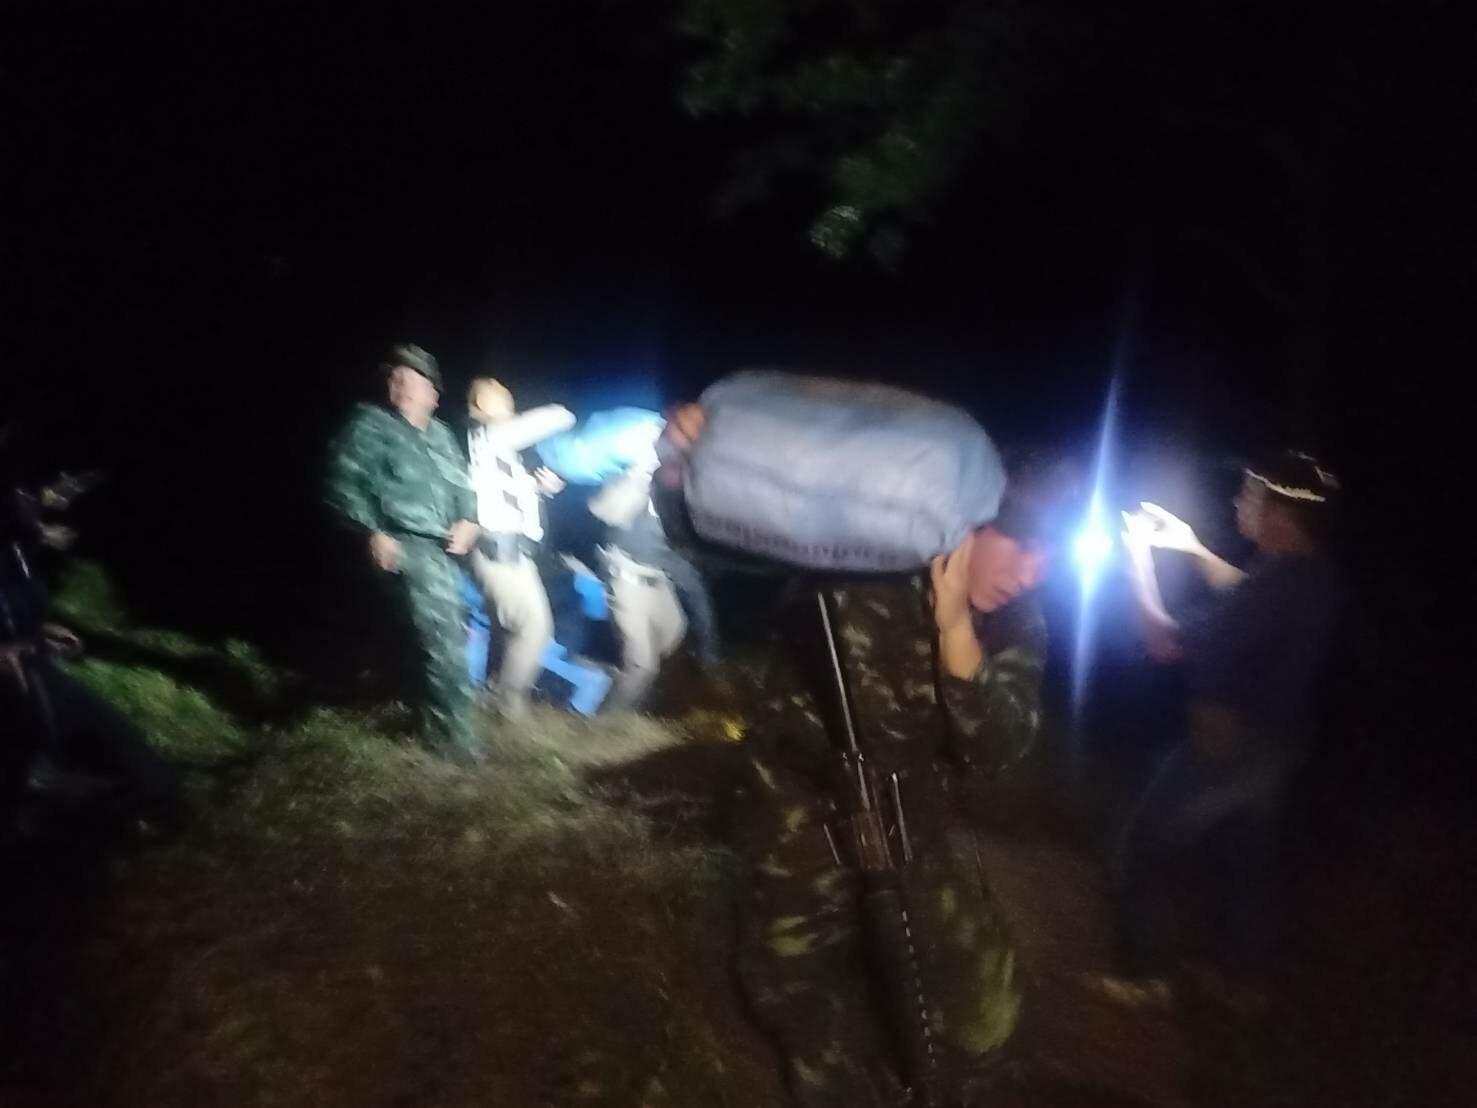 ตำรวจ ทหารปะทะเดือดแก๊งค้ายา ยิงสนั่นกลางแม่น้ำโขง ยึดล็อตใหญ่'ไอซ์'385 กก.